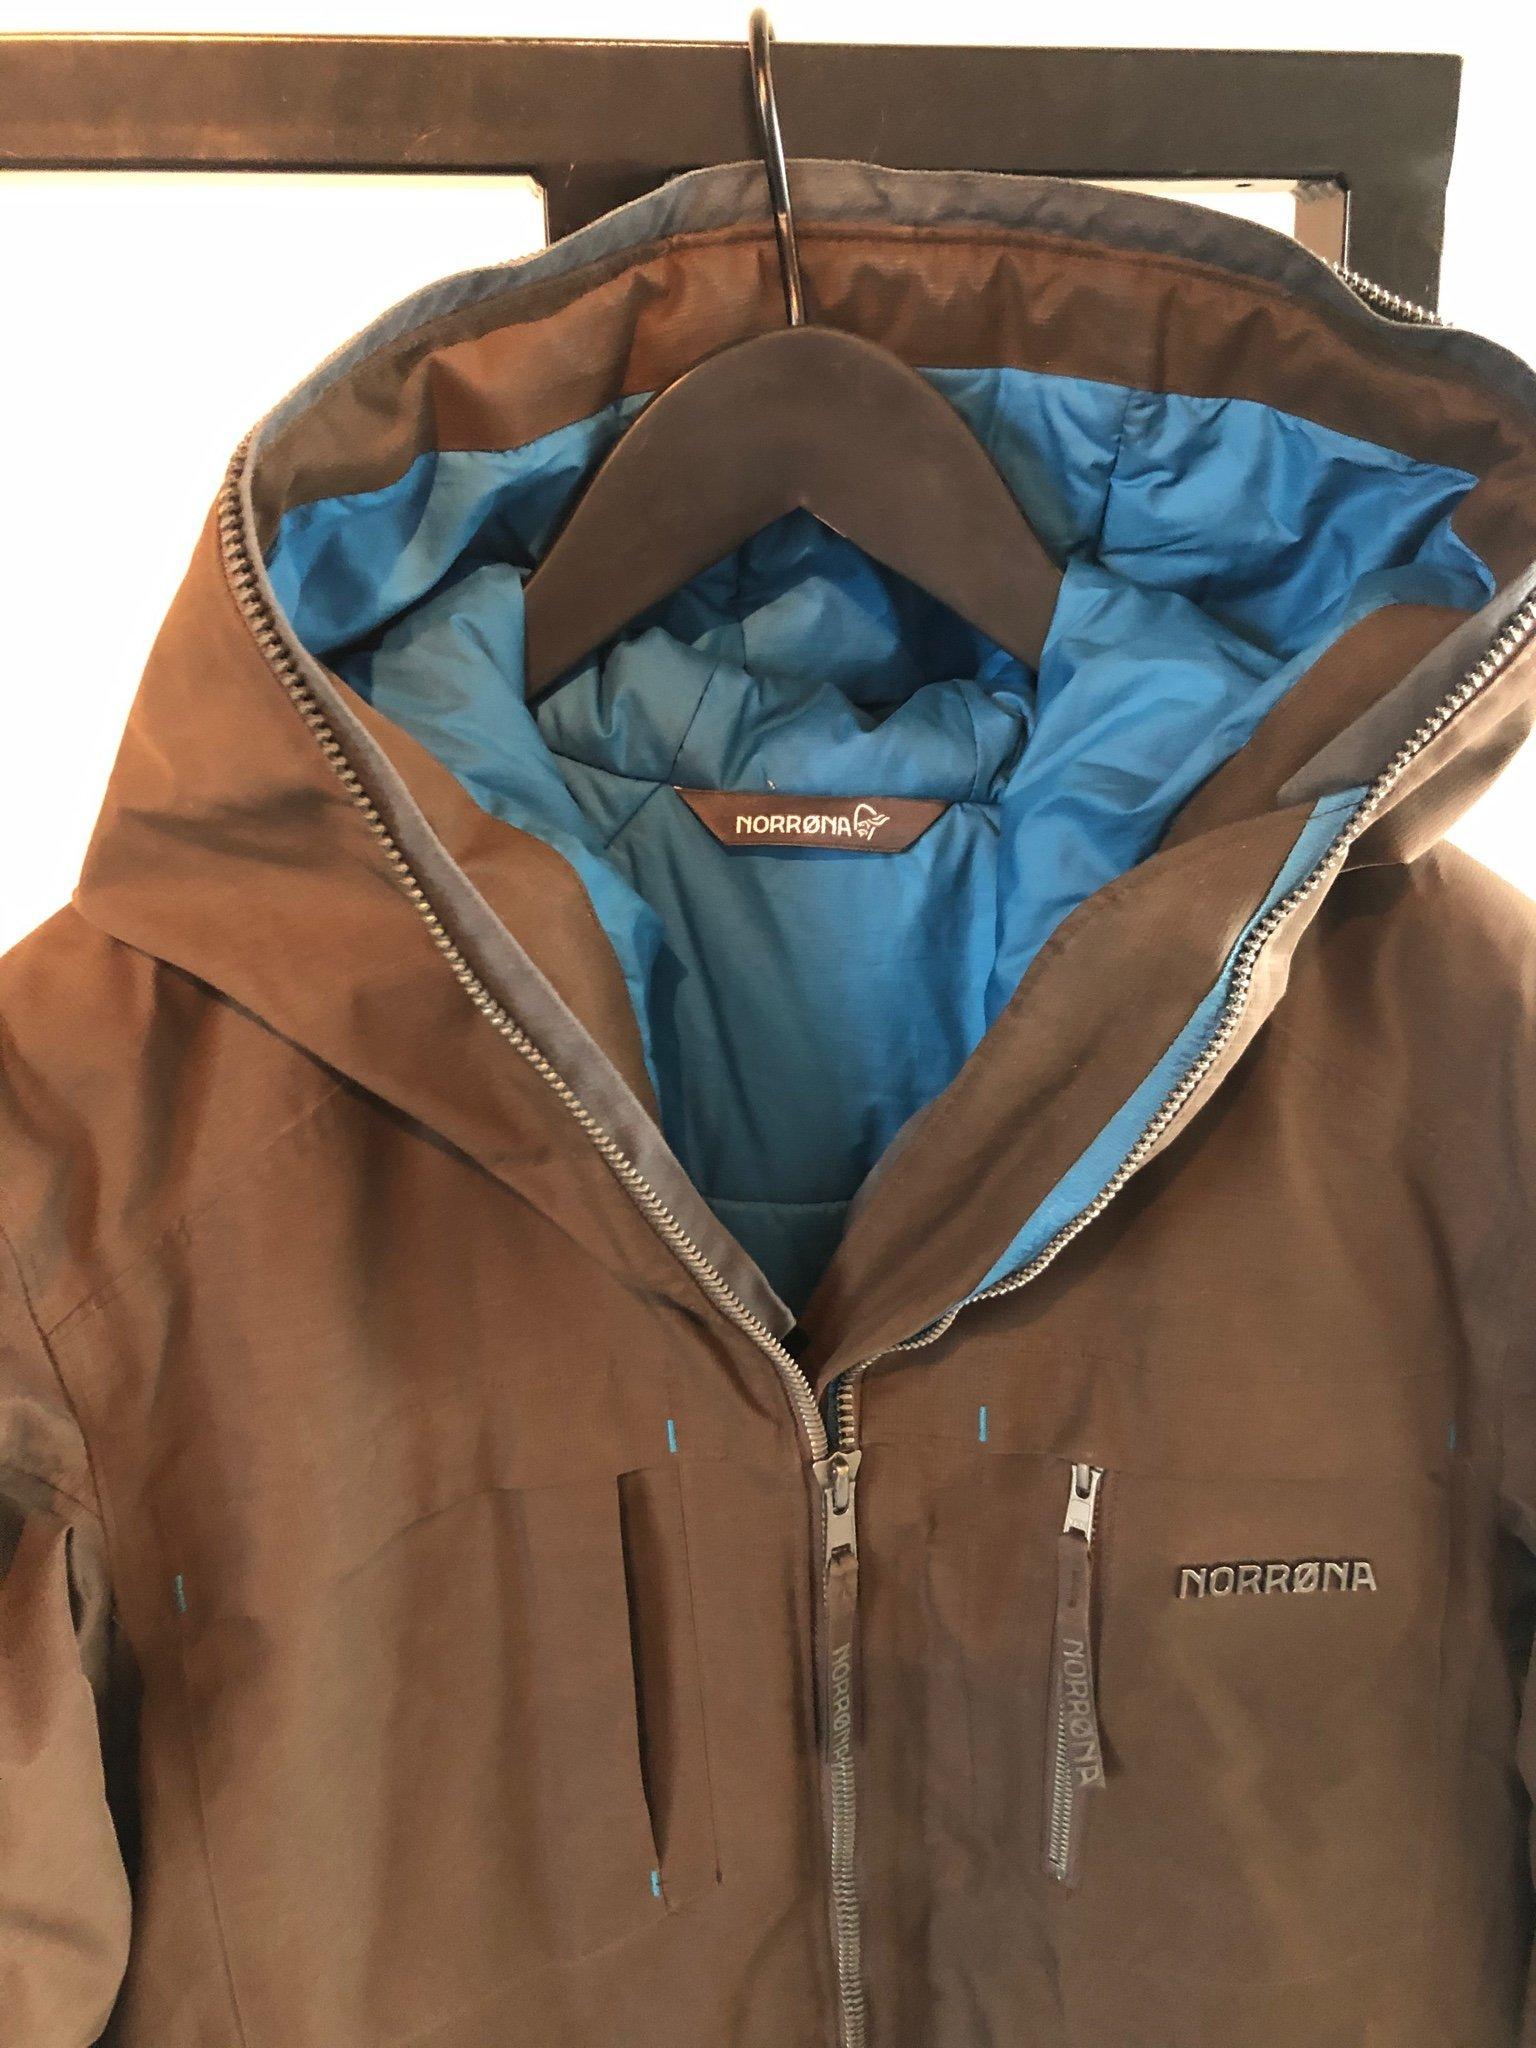 Norröna vinterjacka som NY (378187693) ᐈ Köp på Tradera